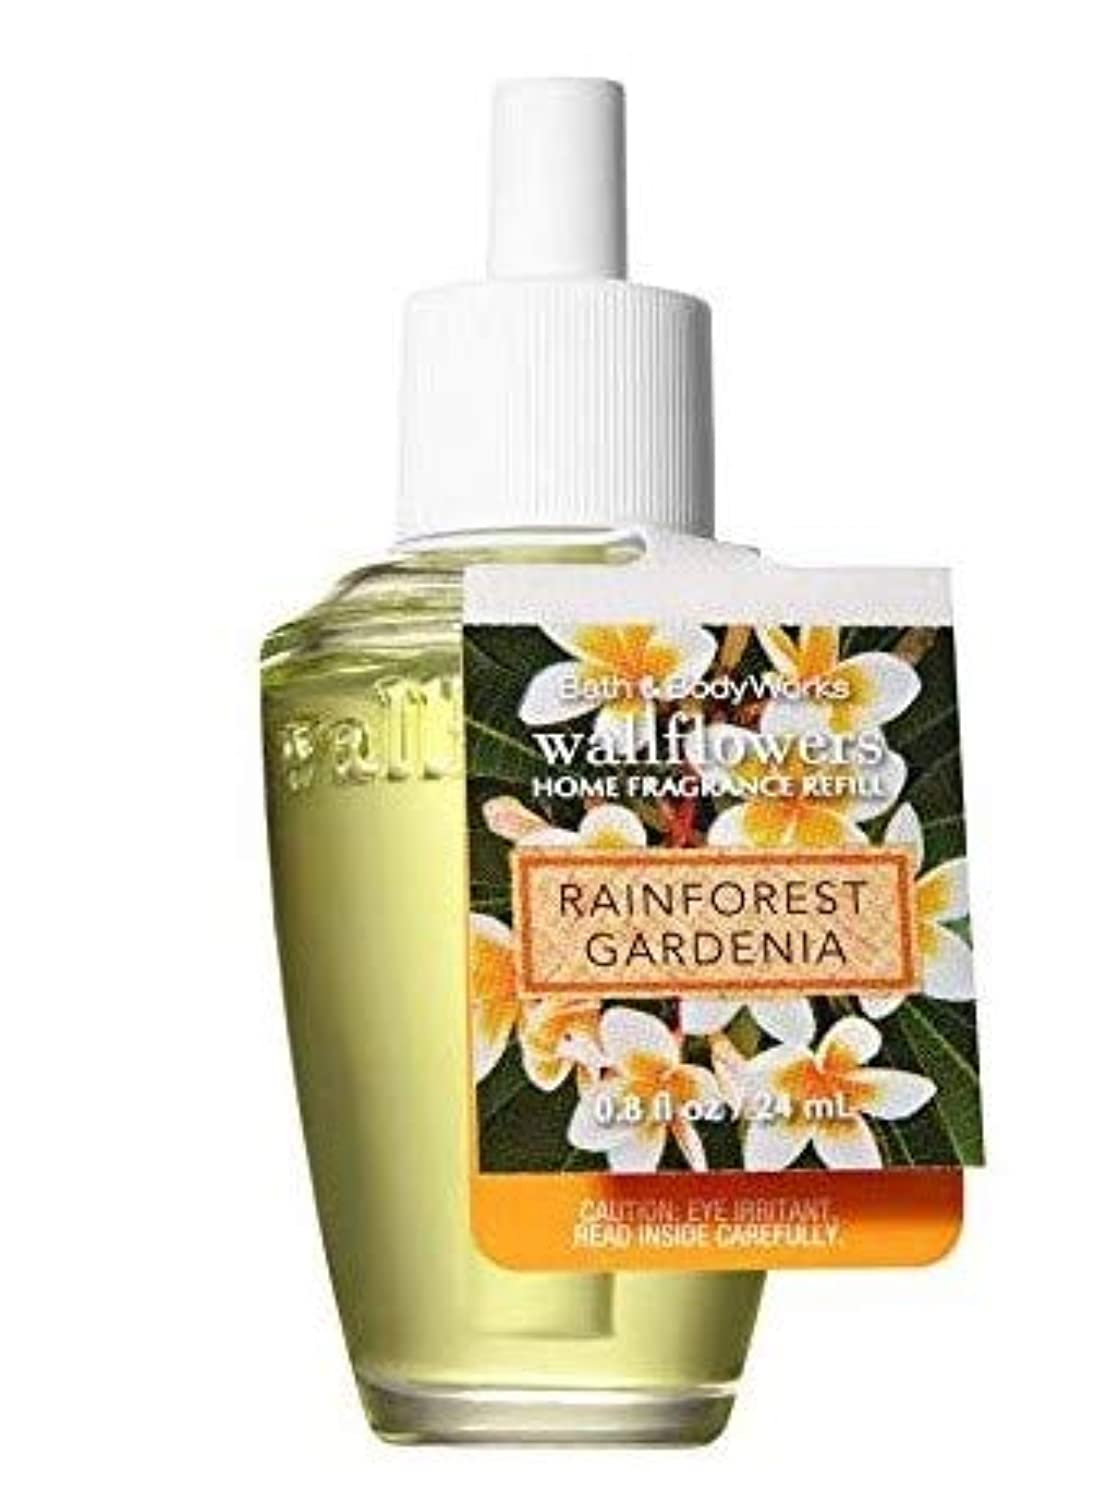 辞書アルバニー鷹【Bath&Body Works/バス&ボディワークス】 ルームフレグランス 詰替えリフィル レインフォレストガーデニア Wallflowers Home Fragrance Refill Rainforest Gardenia [並行輸入品]